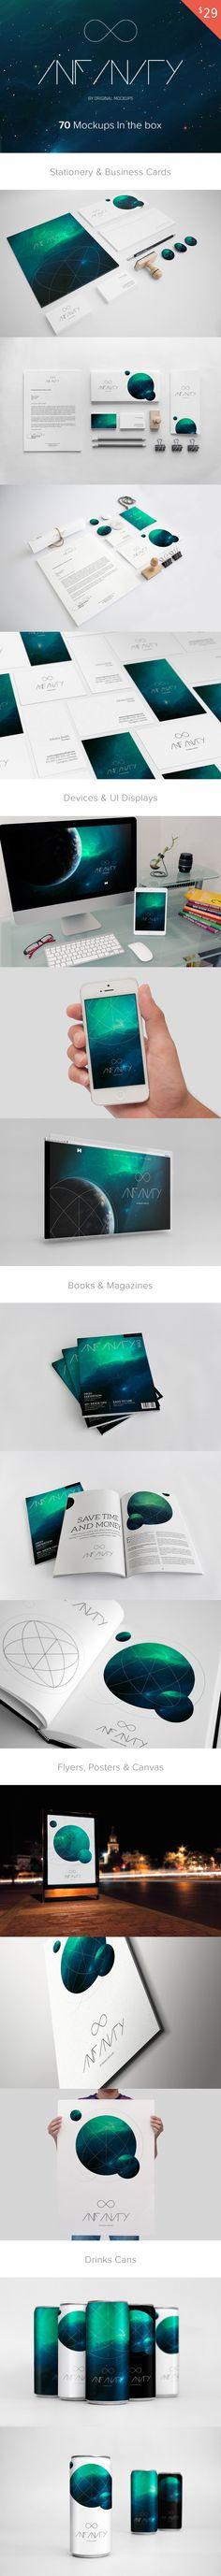 Infinity Mockups Bundle | GraphicBurger